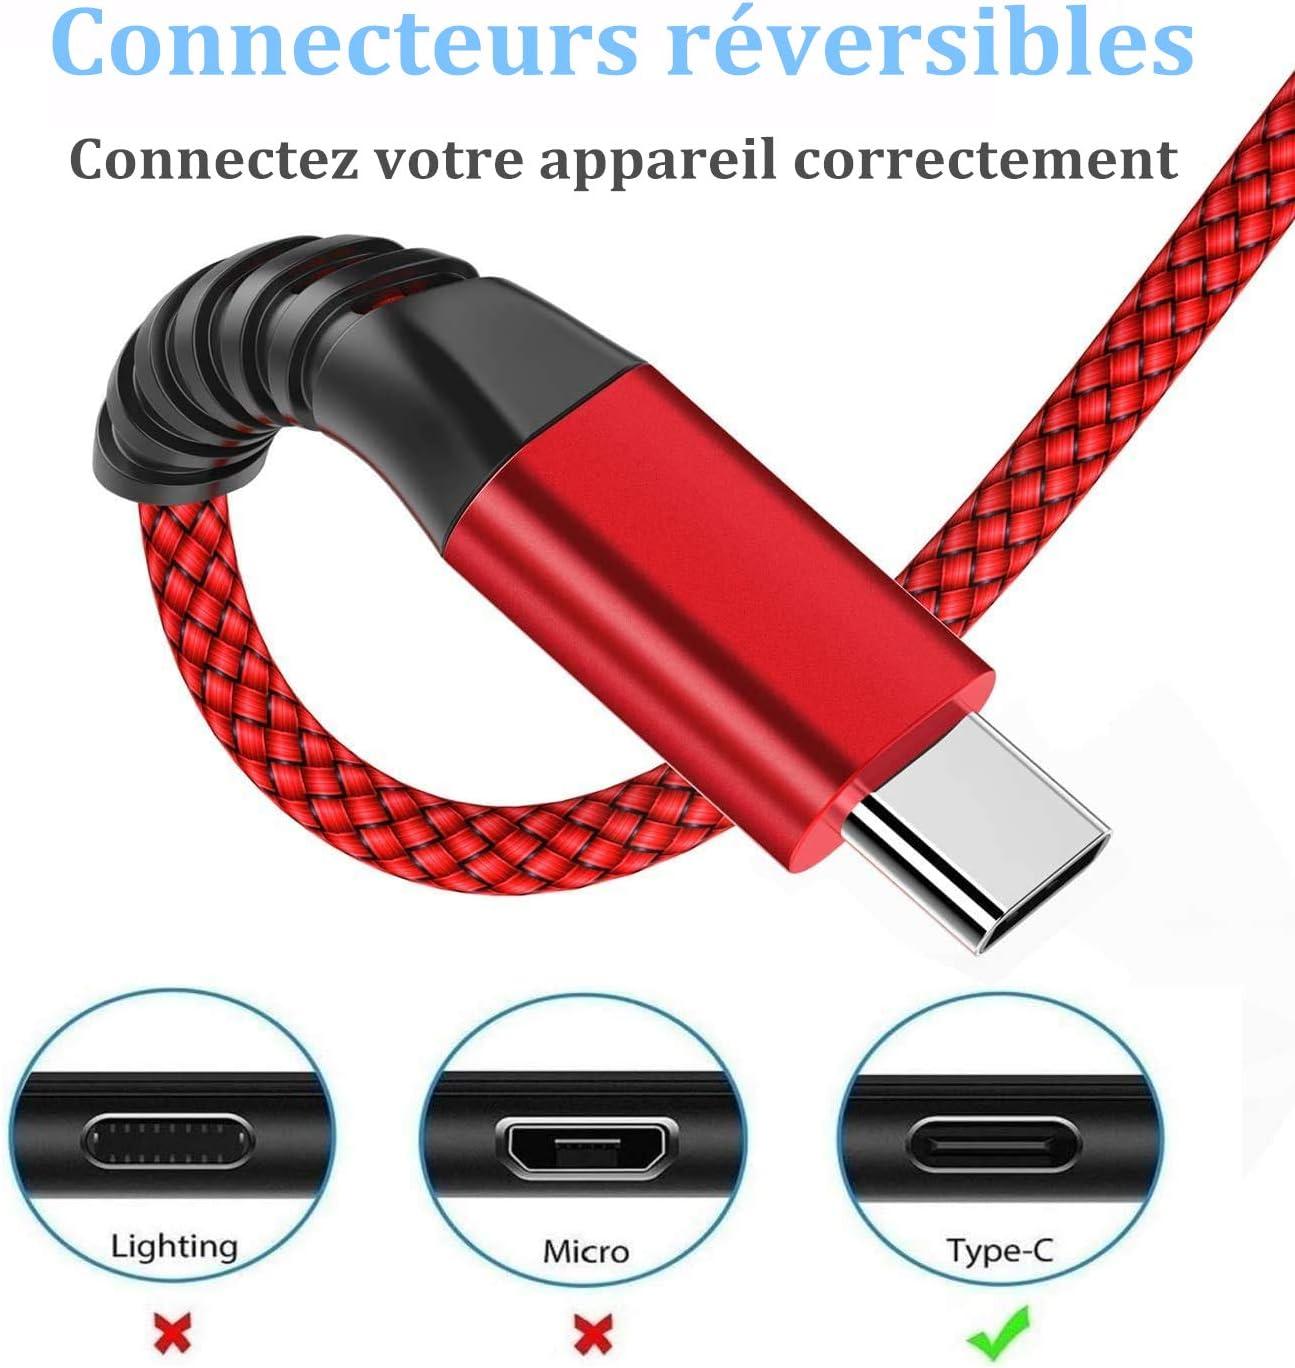 -Chargeur Type C Cable 3A Charge Rapide Cordon Solides Nylon Tress/é pour Samsung GalaxyS21 S20fe S8 S9 S10 A51 A70 A90 Note Huawei P40 P30 P20,Xiaomi Redmi C/âble USB C 2M,Lot de 2 Sony Xperia-Rouge